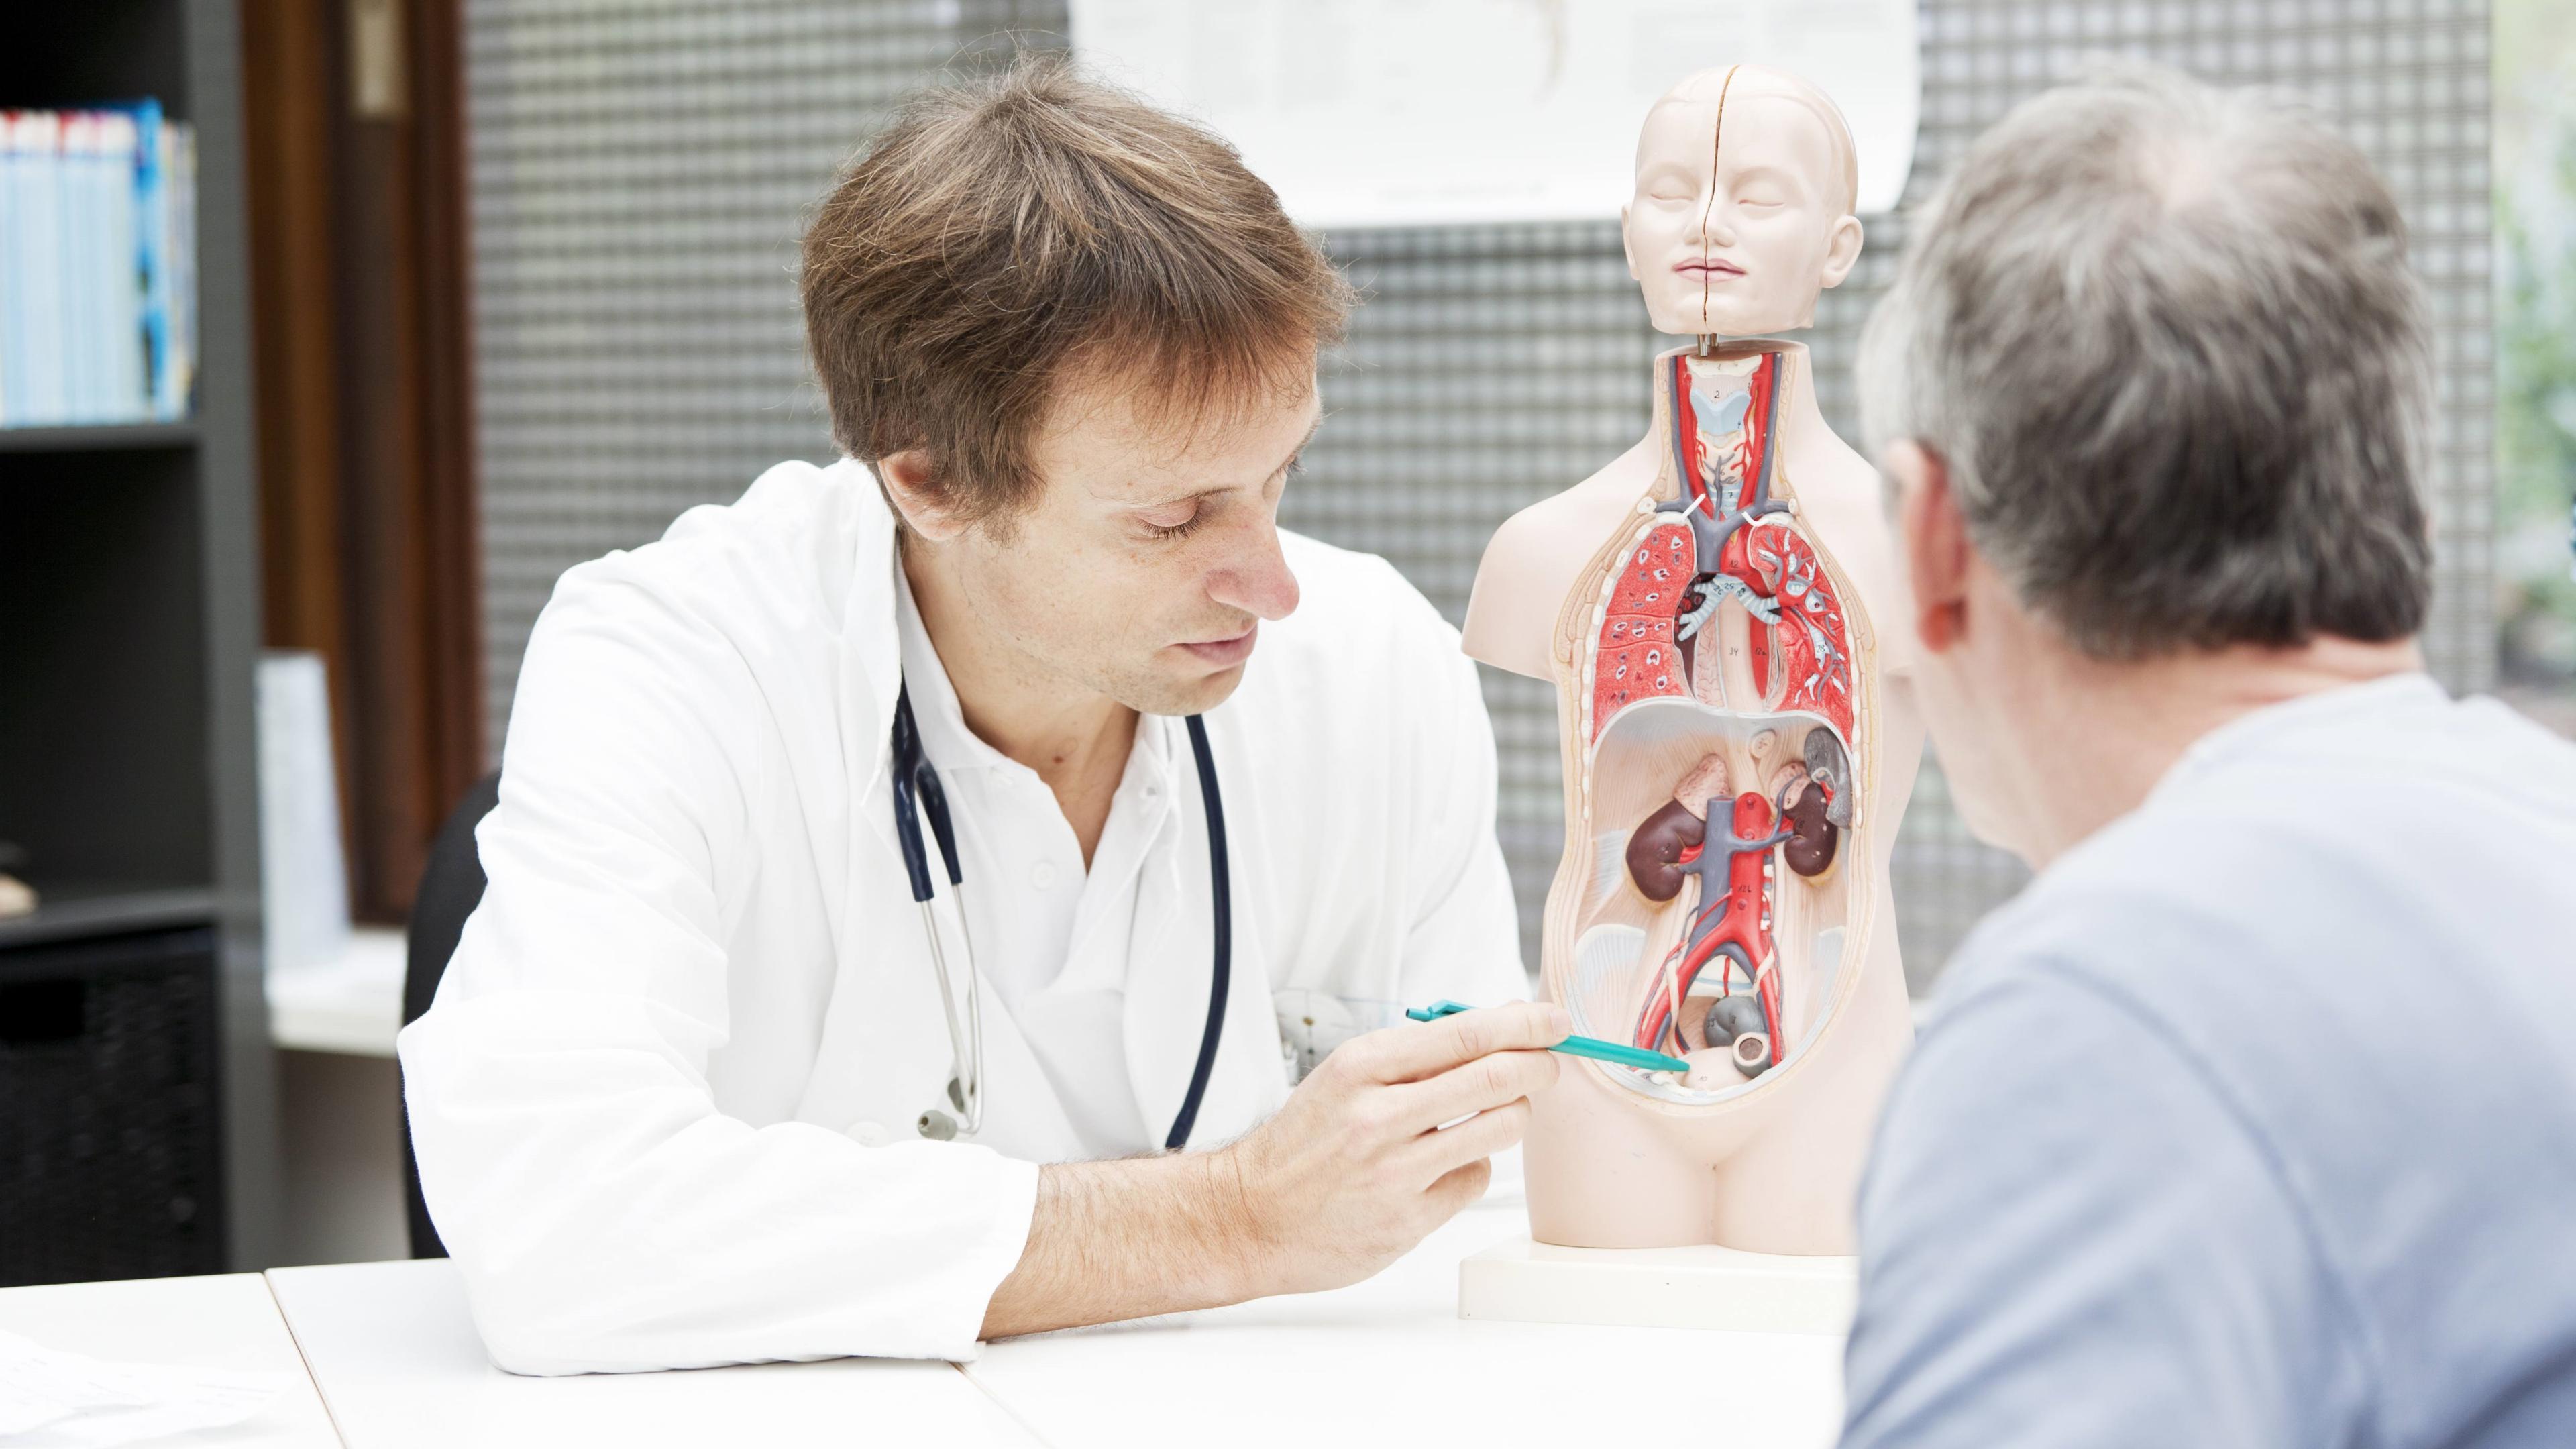 Диагностика заболеваний мочевыделительной системы